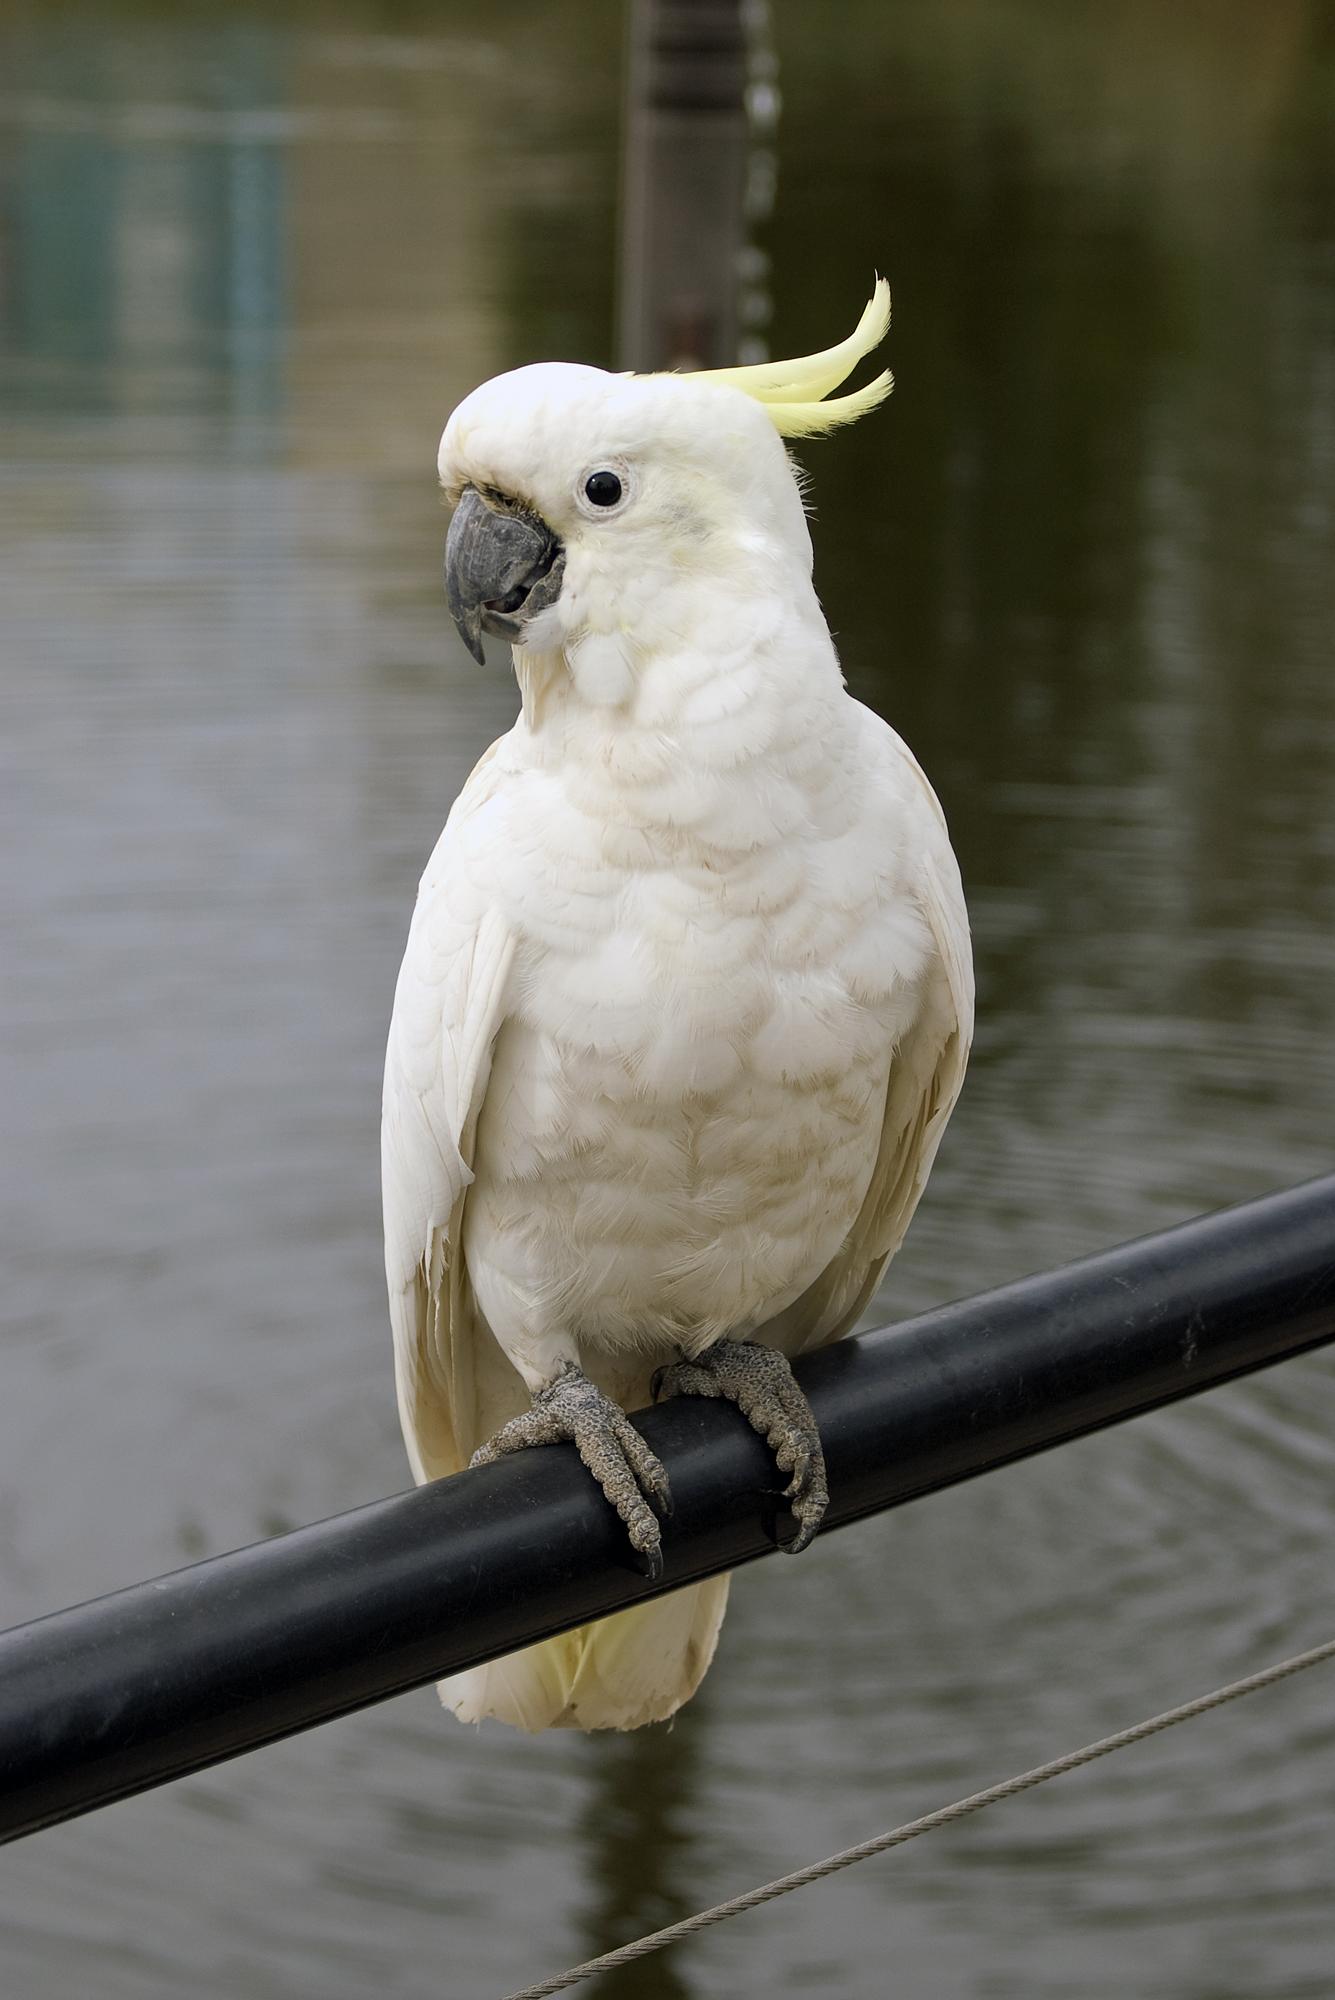 Peekaboo cockatoo